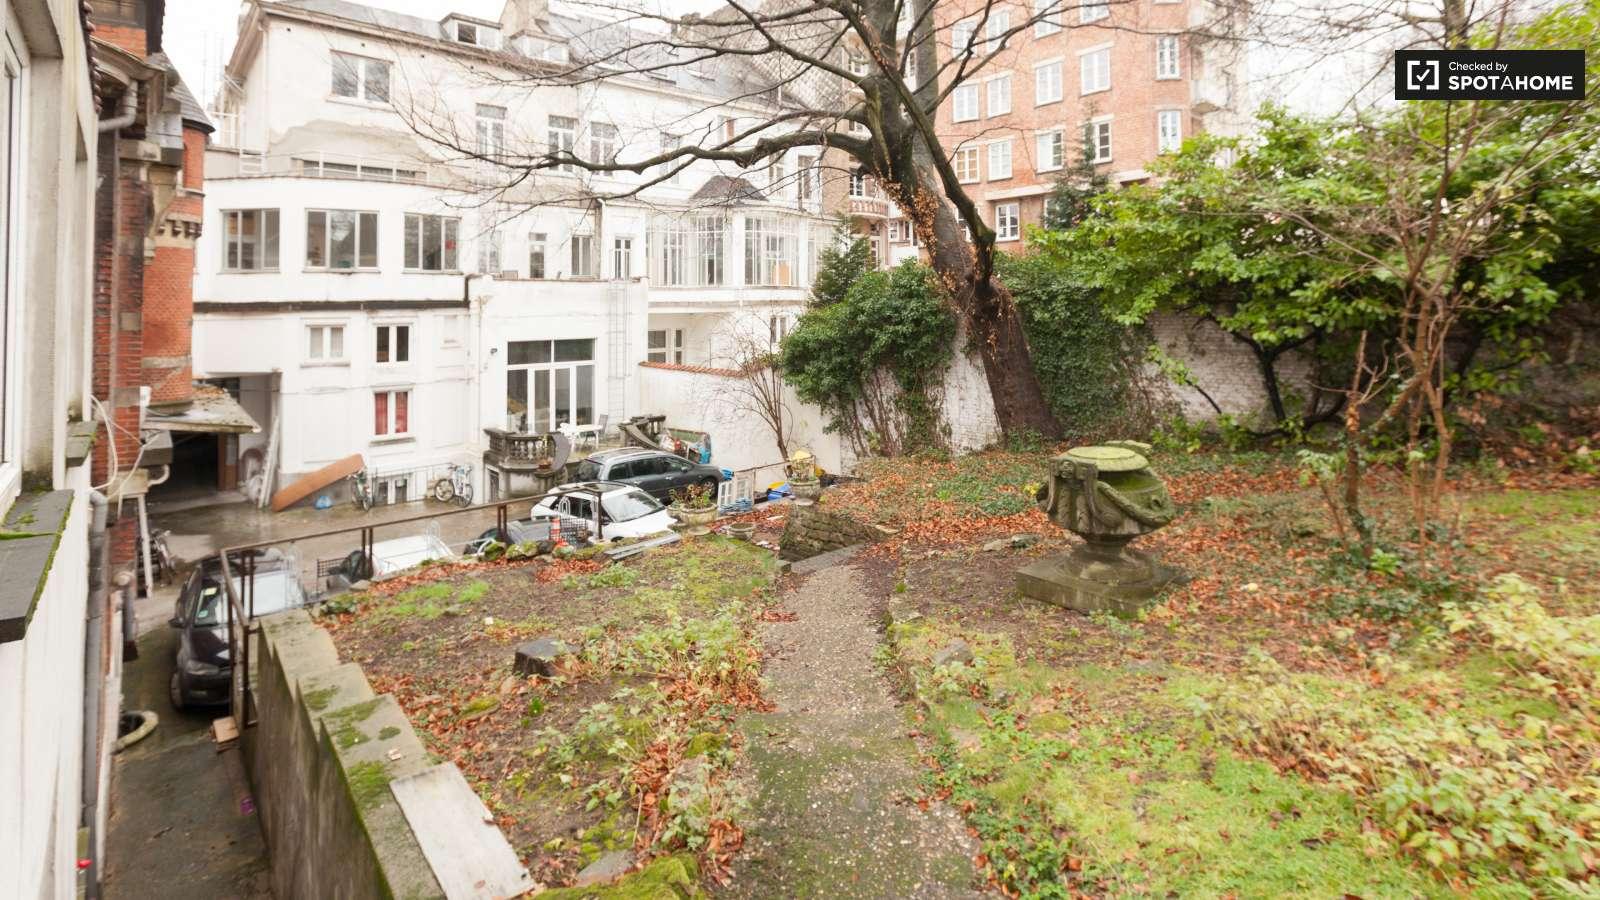 Studio apartment with garden for rent in Ixelles, Brussels (ref ...